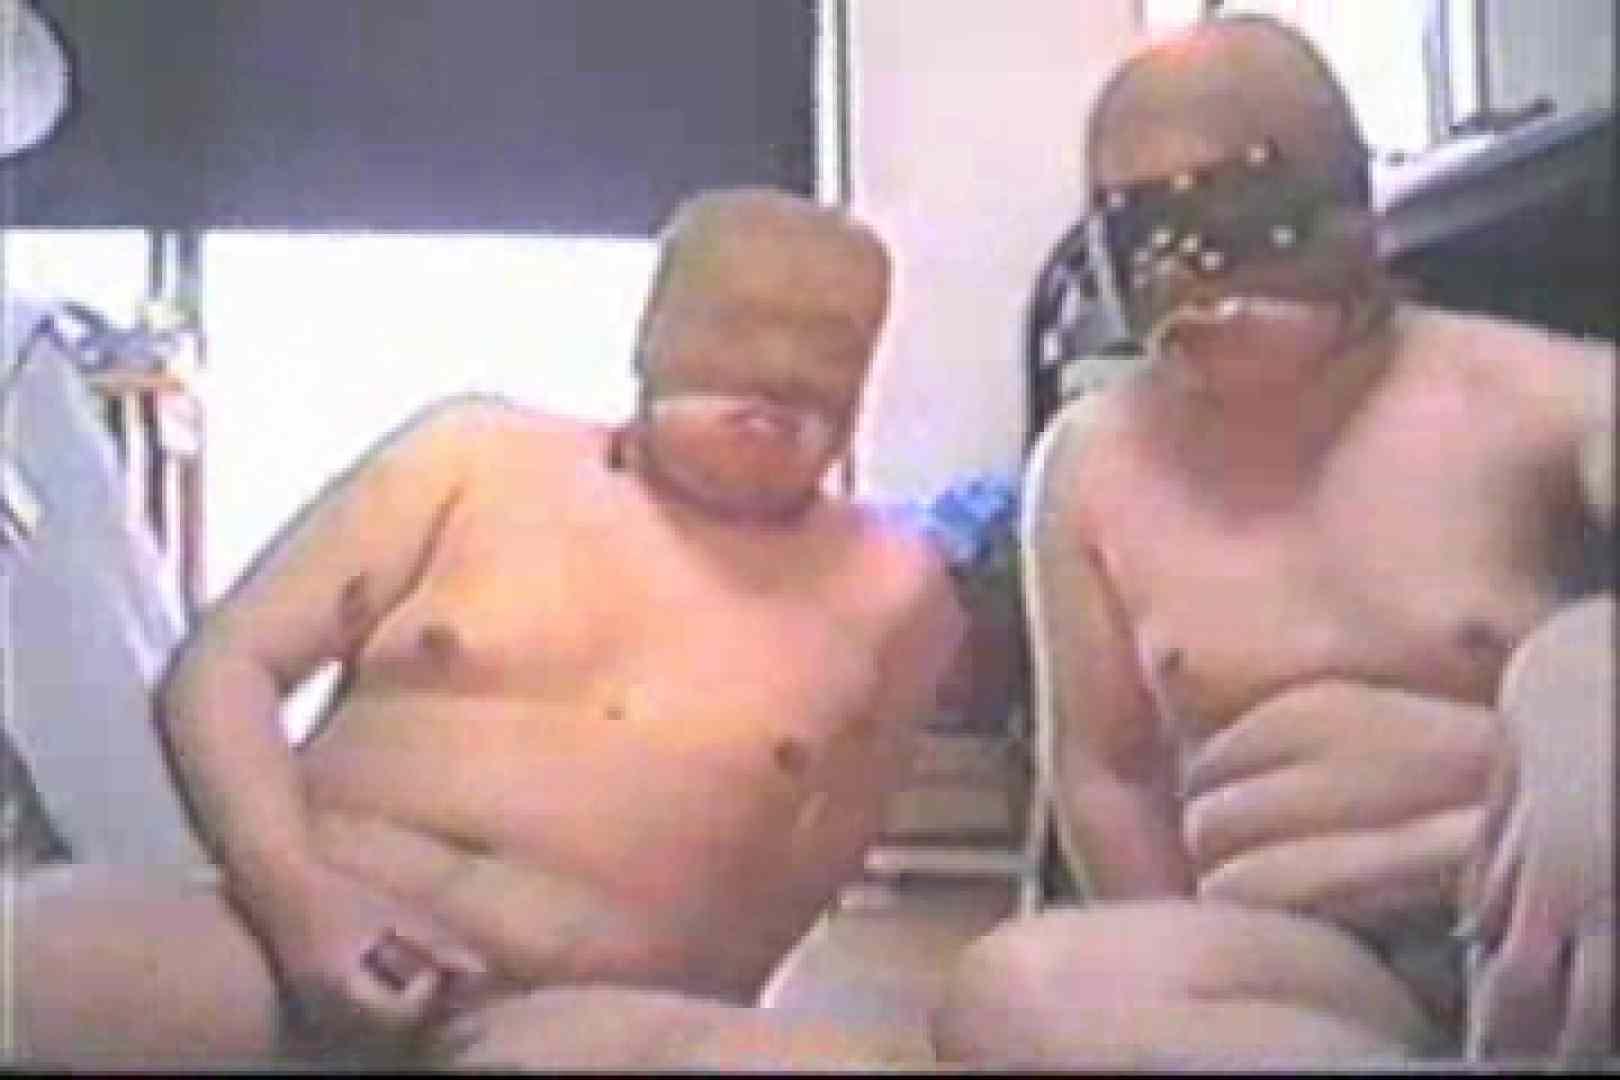 【実録】パンスト仮面は真性包茎!!Hなぽっちゃりカップル メンズのカップル | ぽっちゃりメンズ  82画像 36